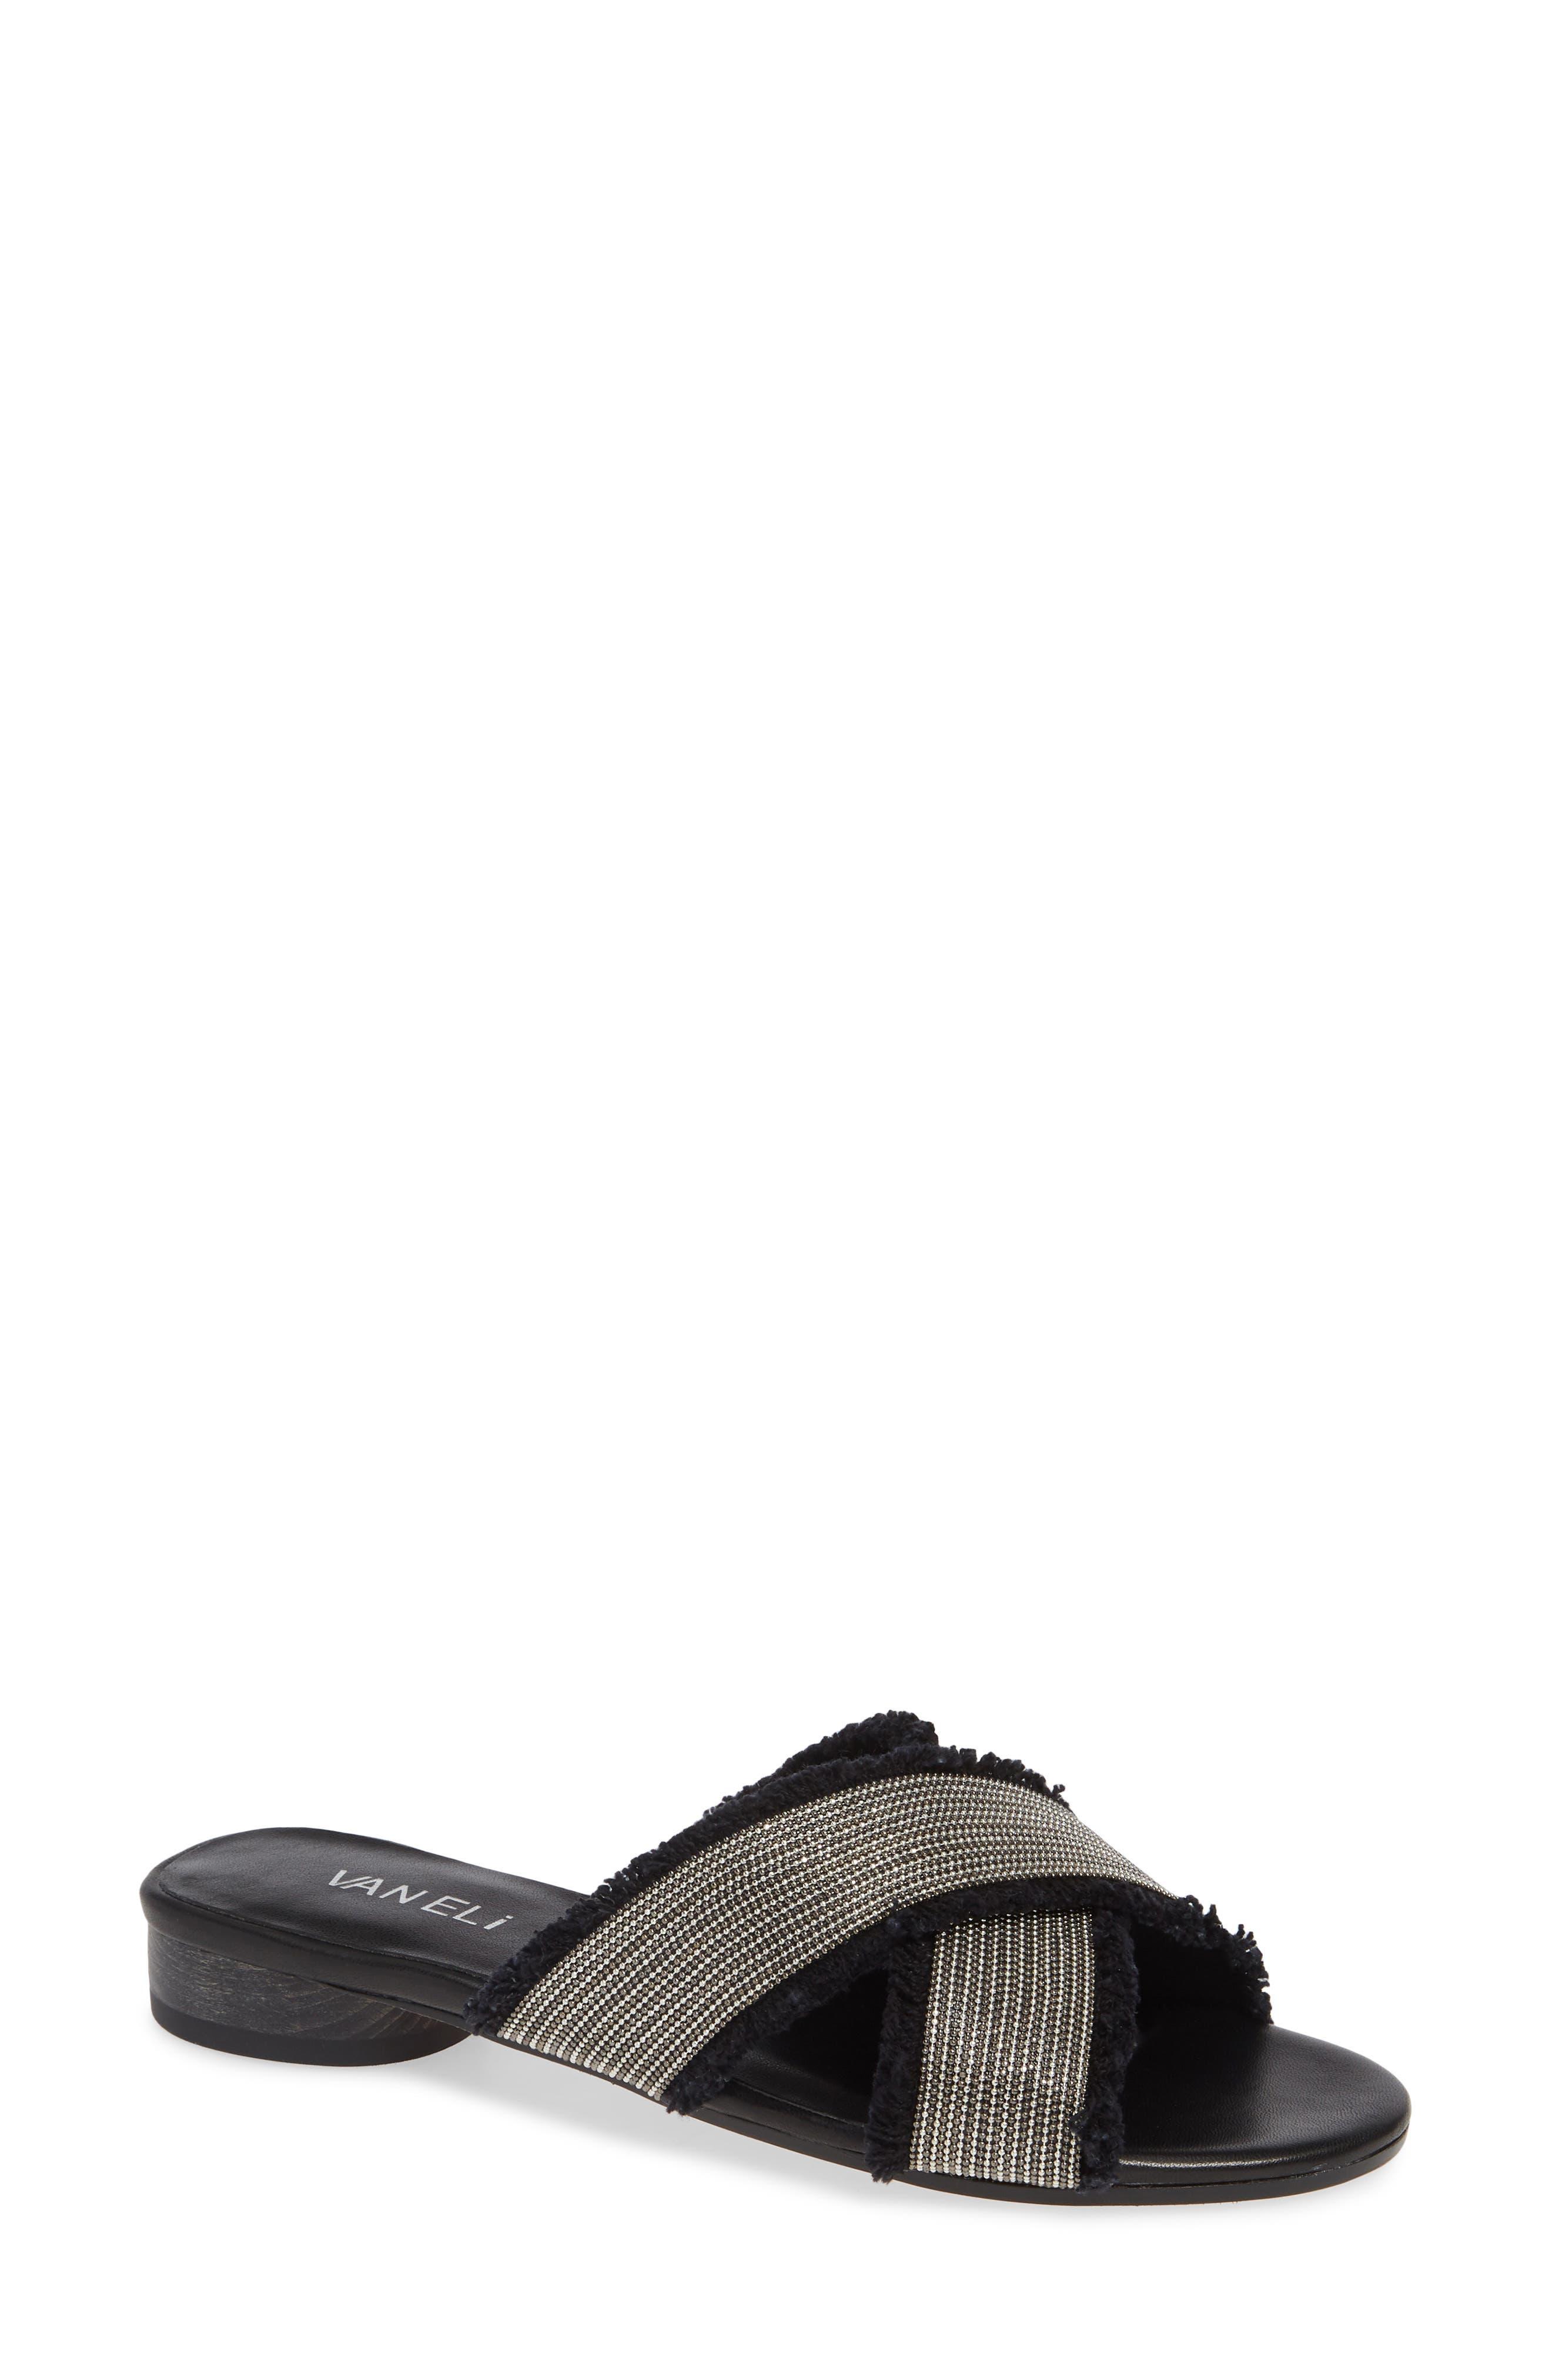 Baret Slide Sandal,                             Main thumbnail 1, color,                             BLACK FABRIC